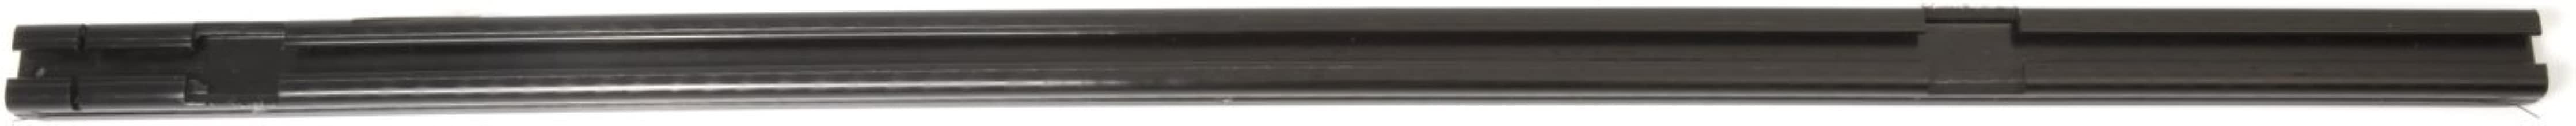 Kimpex Needle & Seat Ref. 3130360 Polaris Sport Trail Blazer More 1985 to 2001